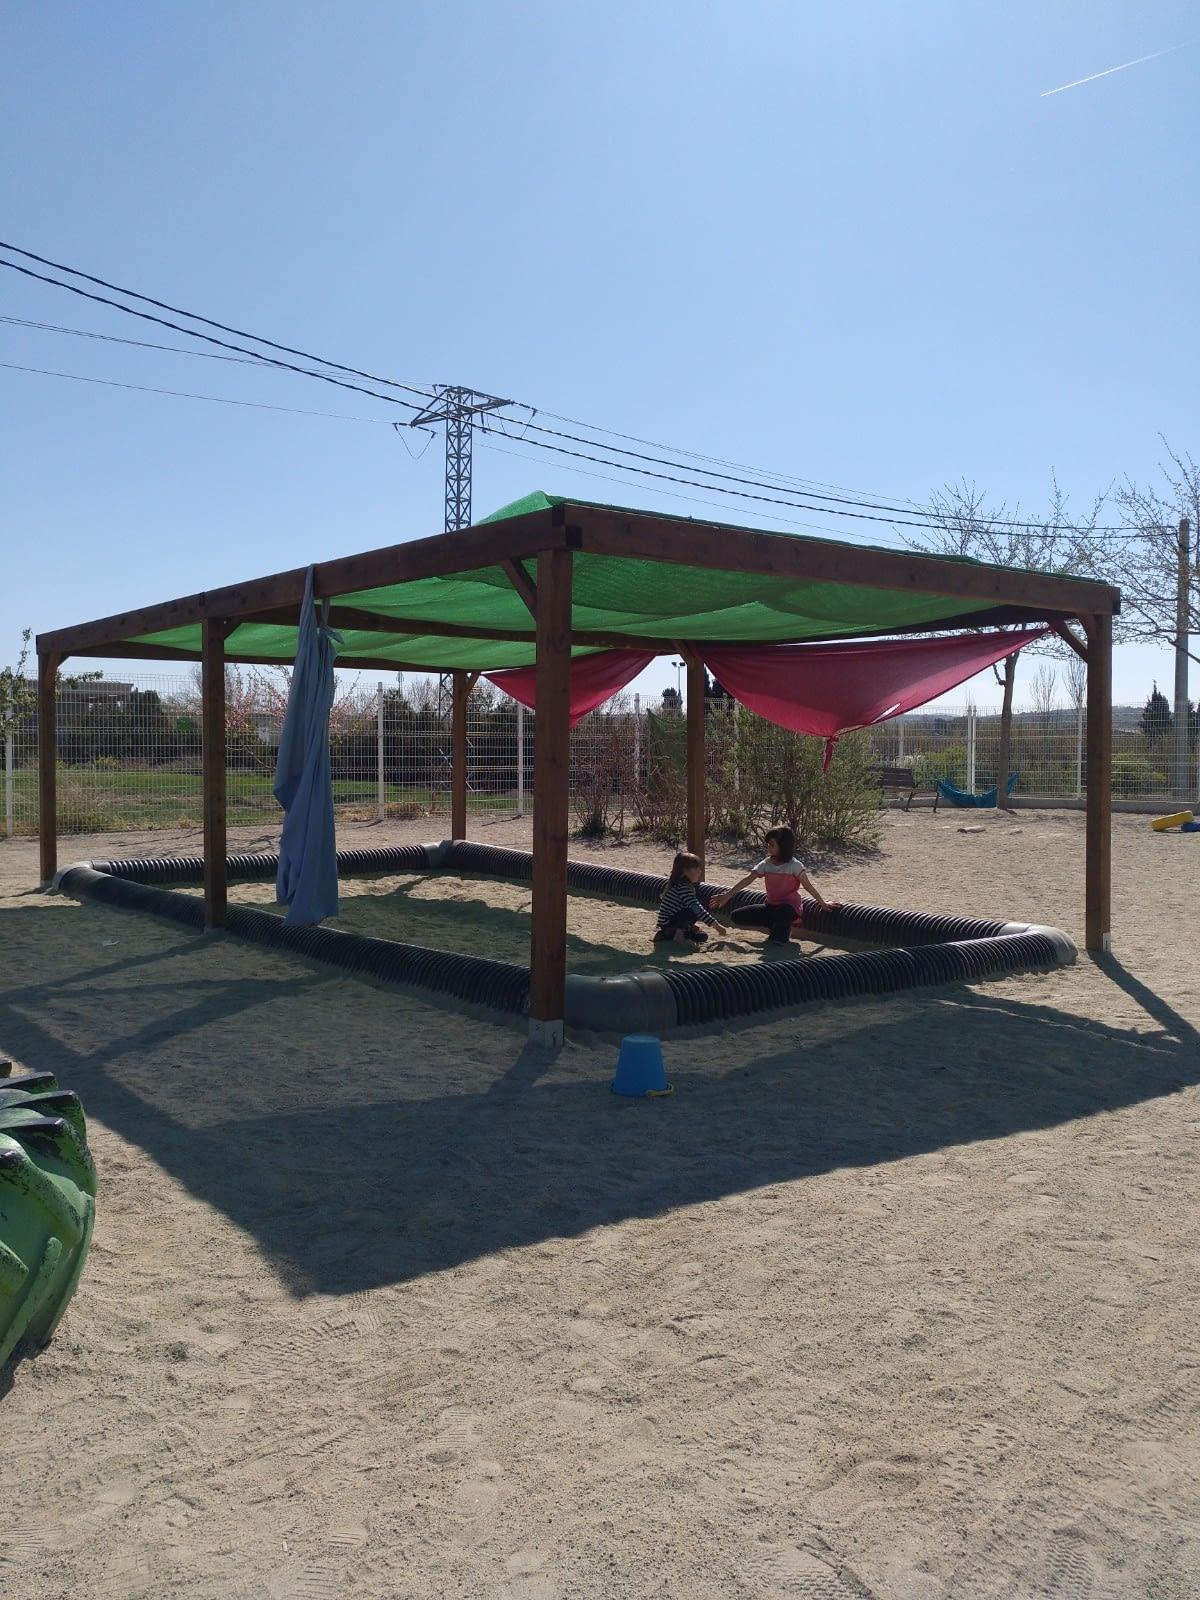 Engeguem el projecte participatiu per la transformació del pati de l'escola.